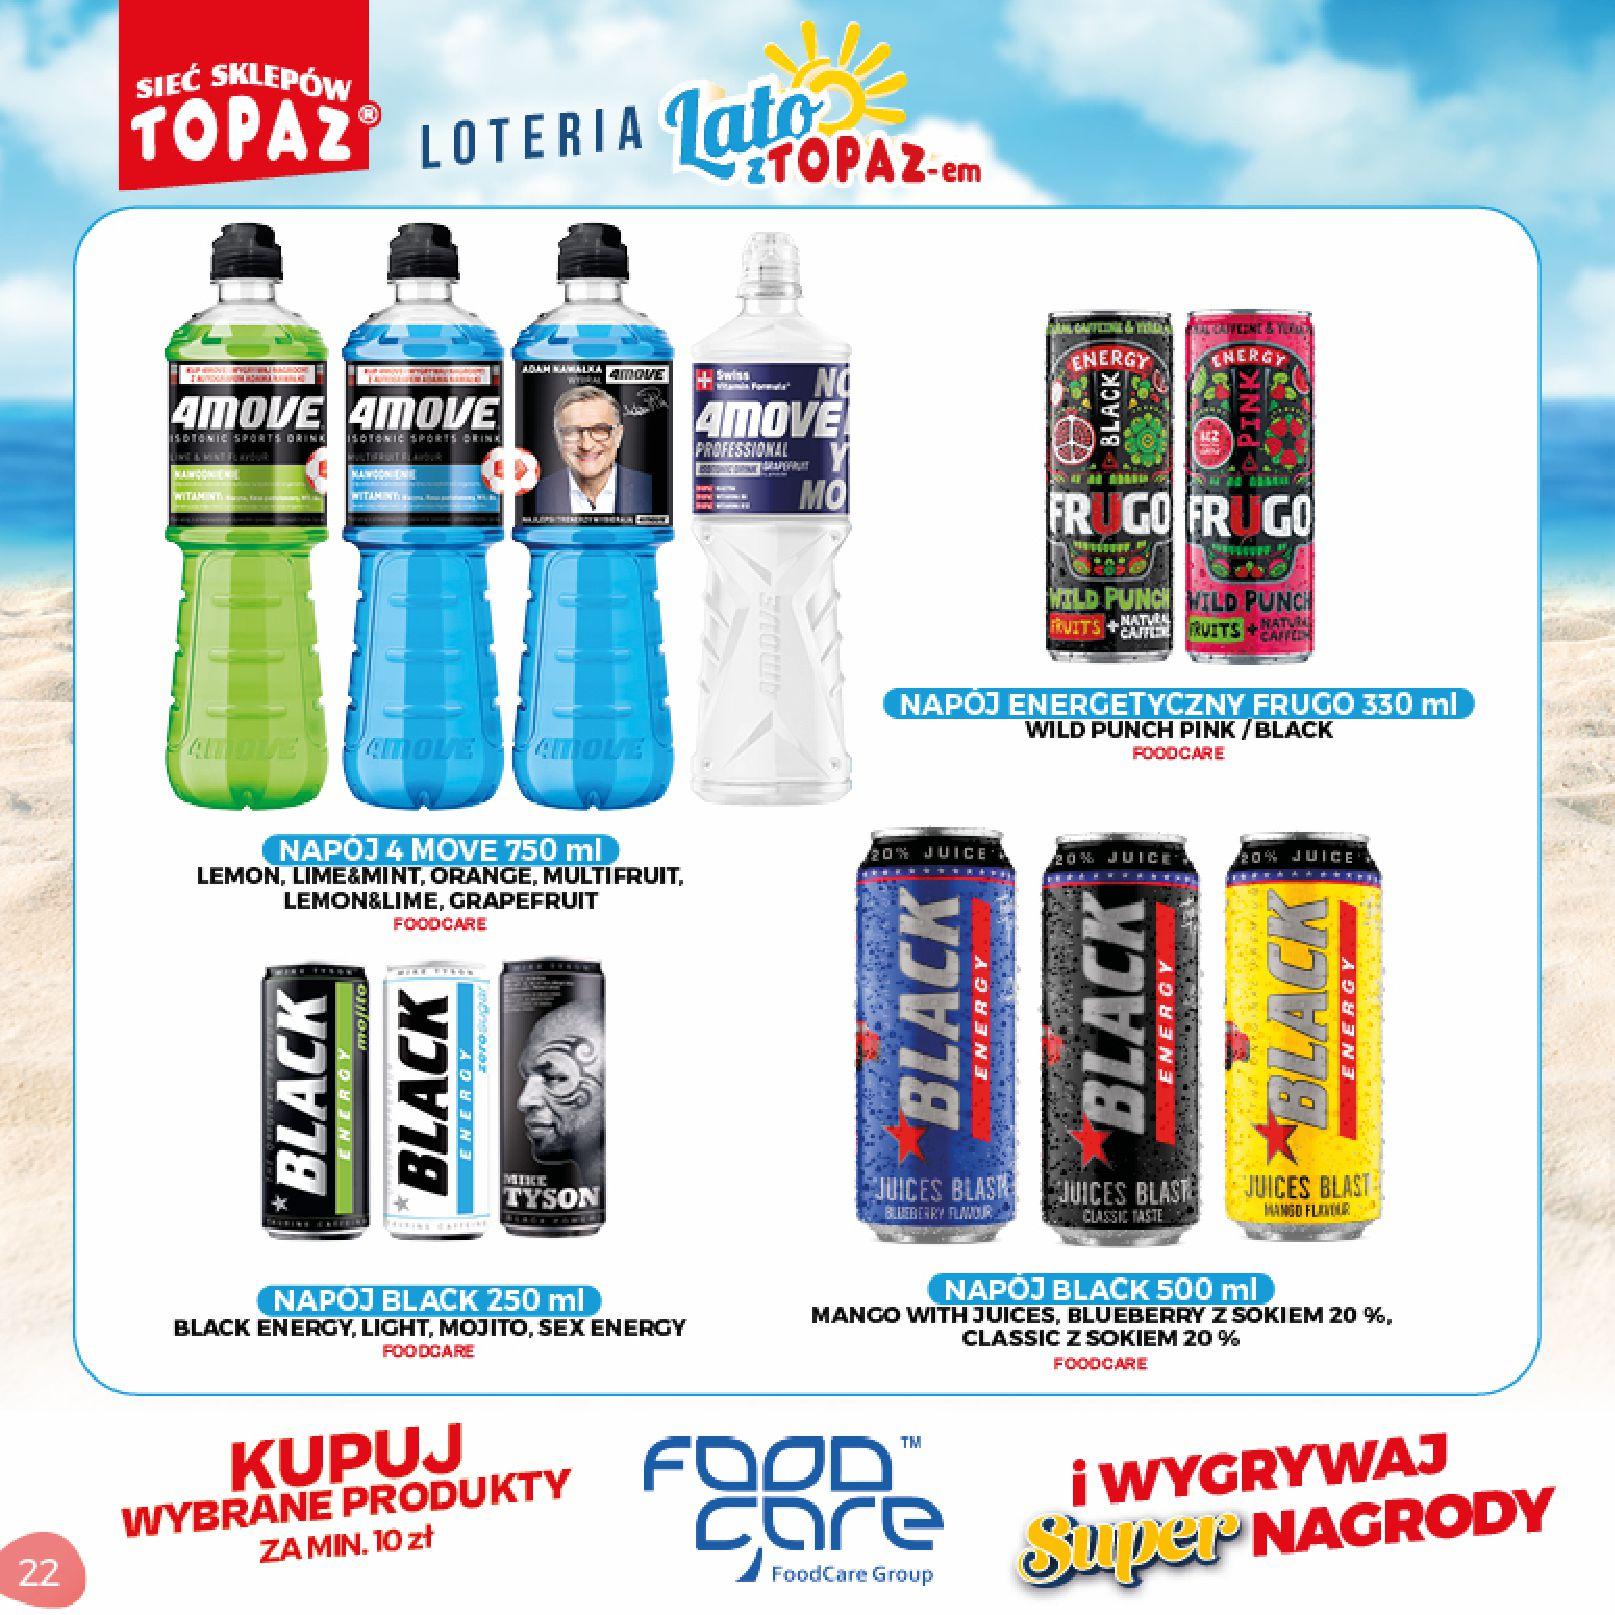 Gazetka TOPAZ: Gazetka TOPAZ - Loteria 2021-07-05 page-22